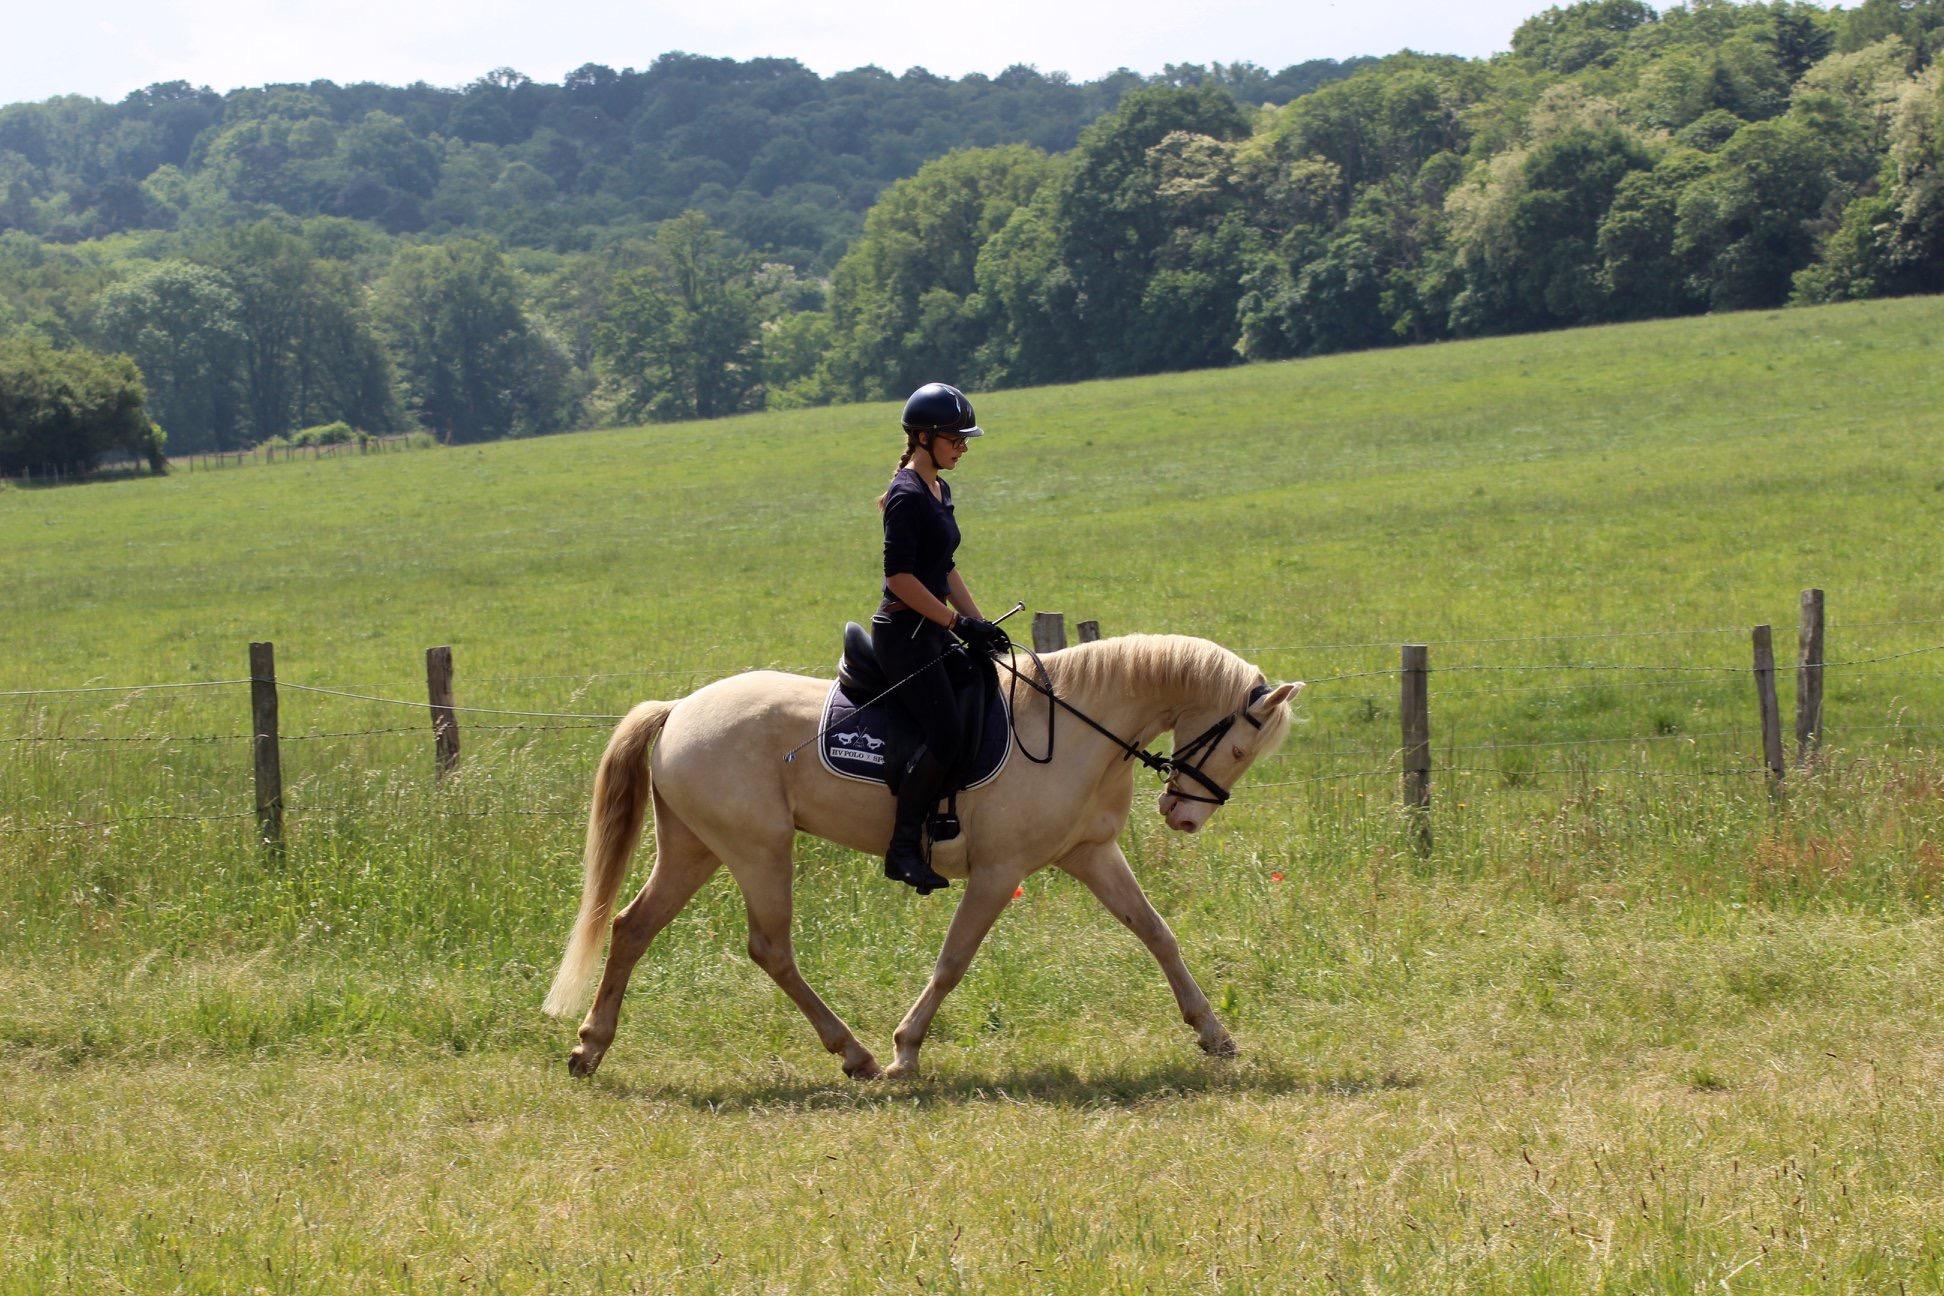 Les_Petites_Écuries_actualité_concours_poney_équitation_galluis_78_16